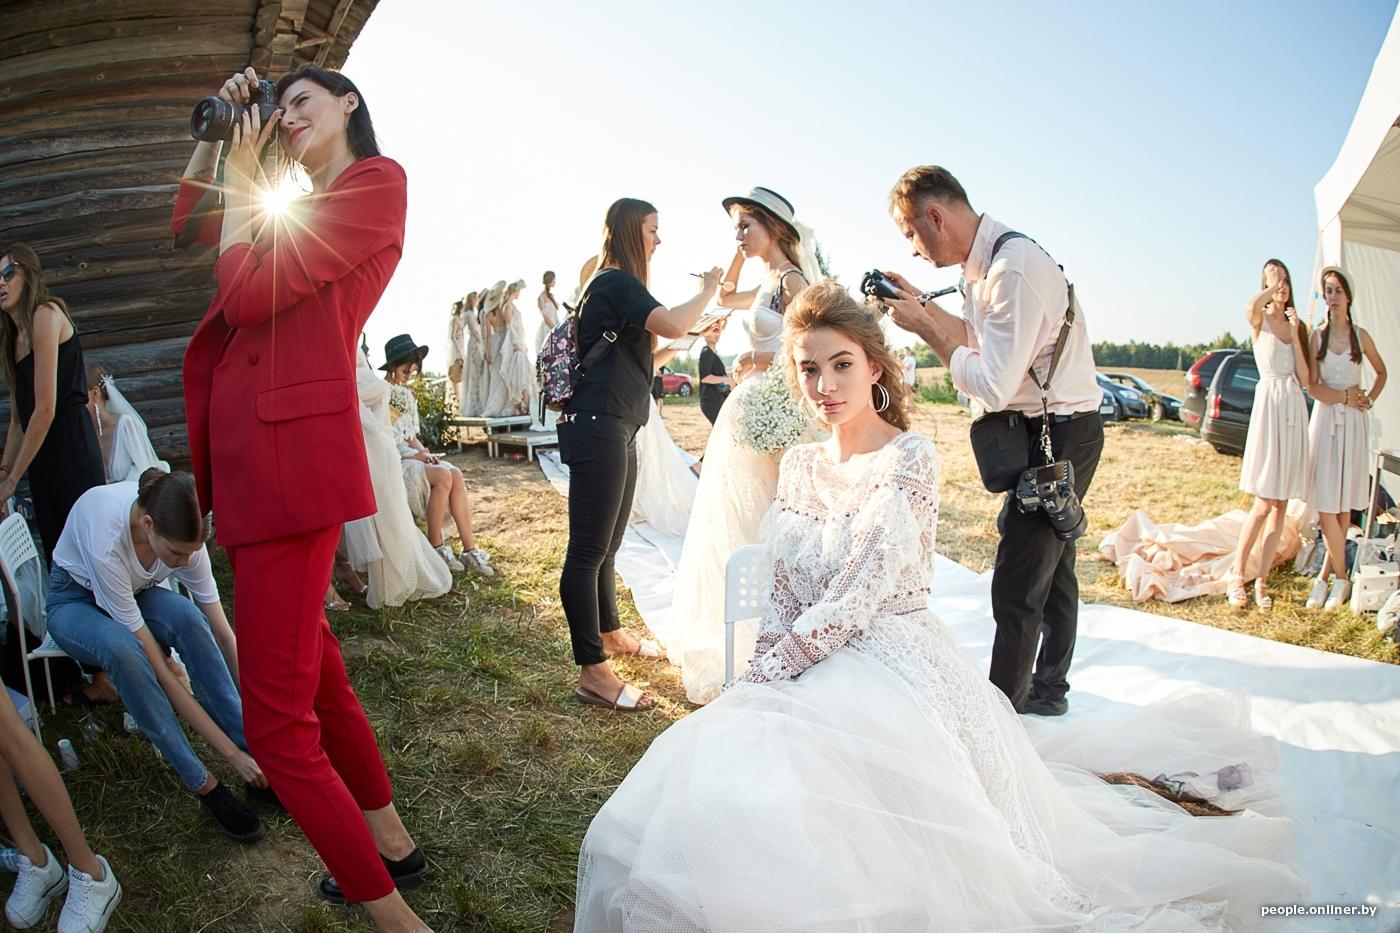 Belarusian wedding